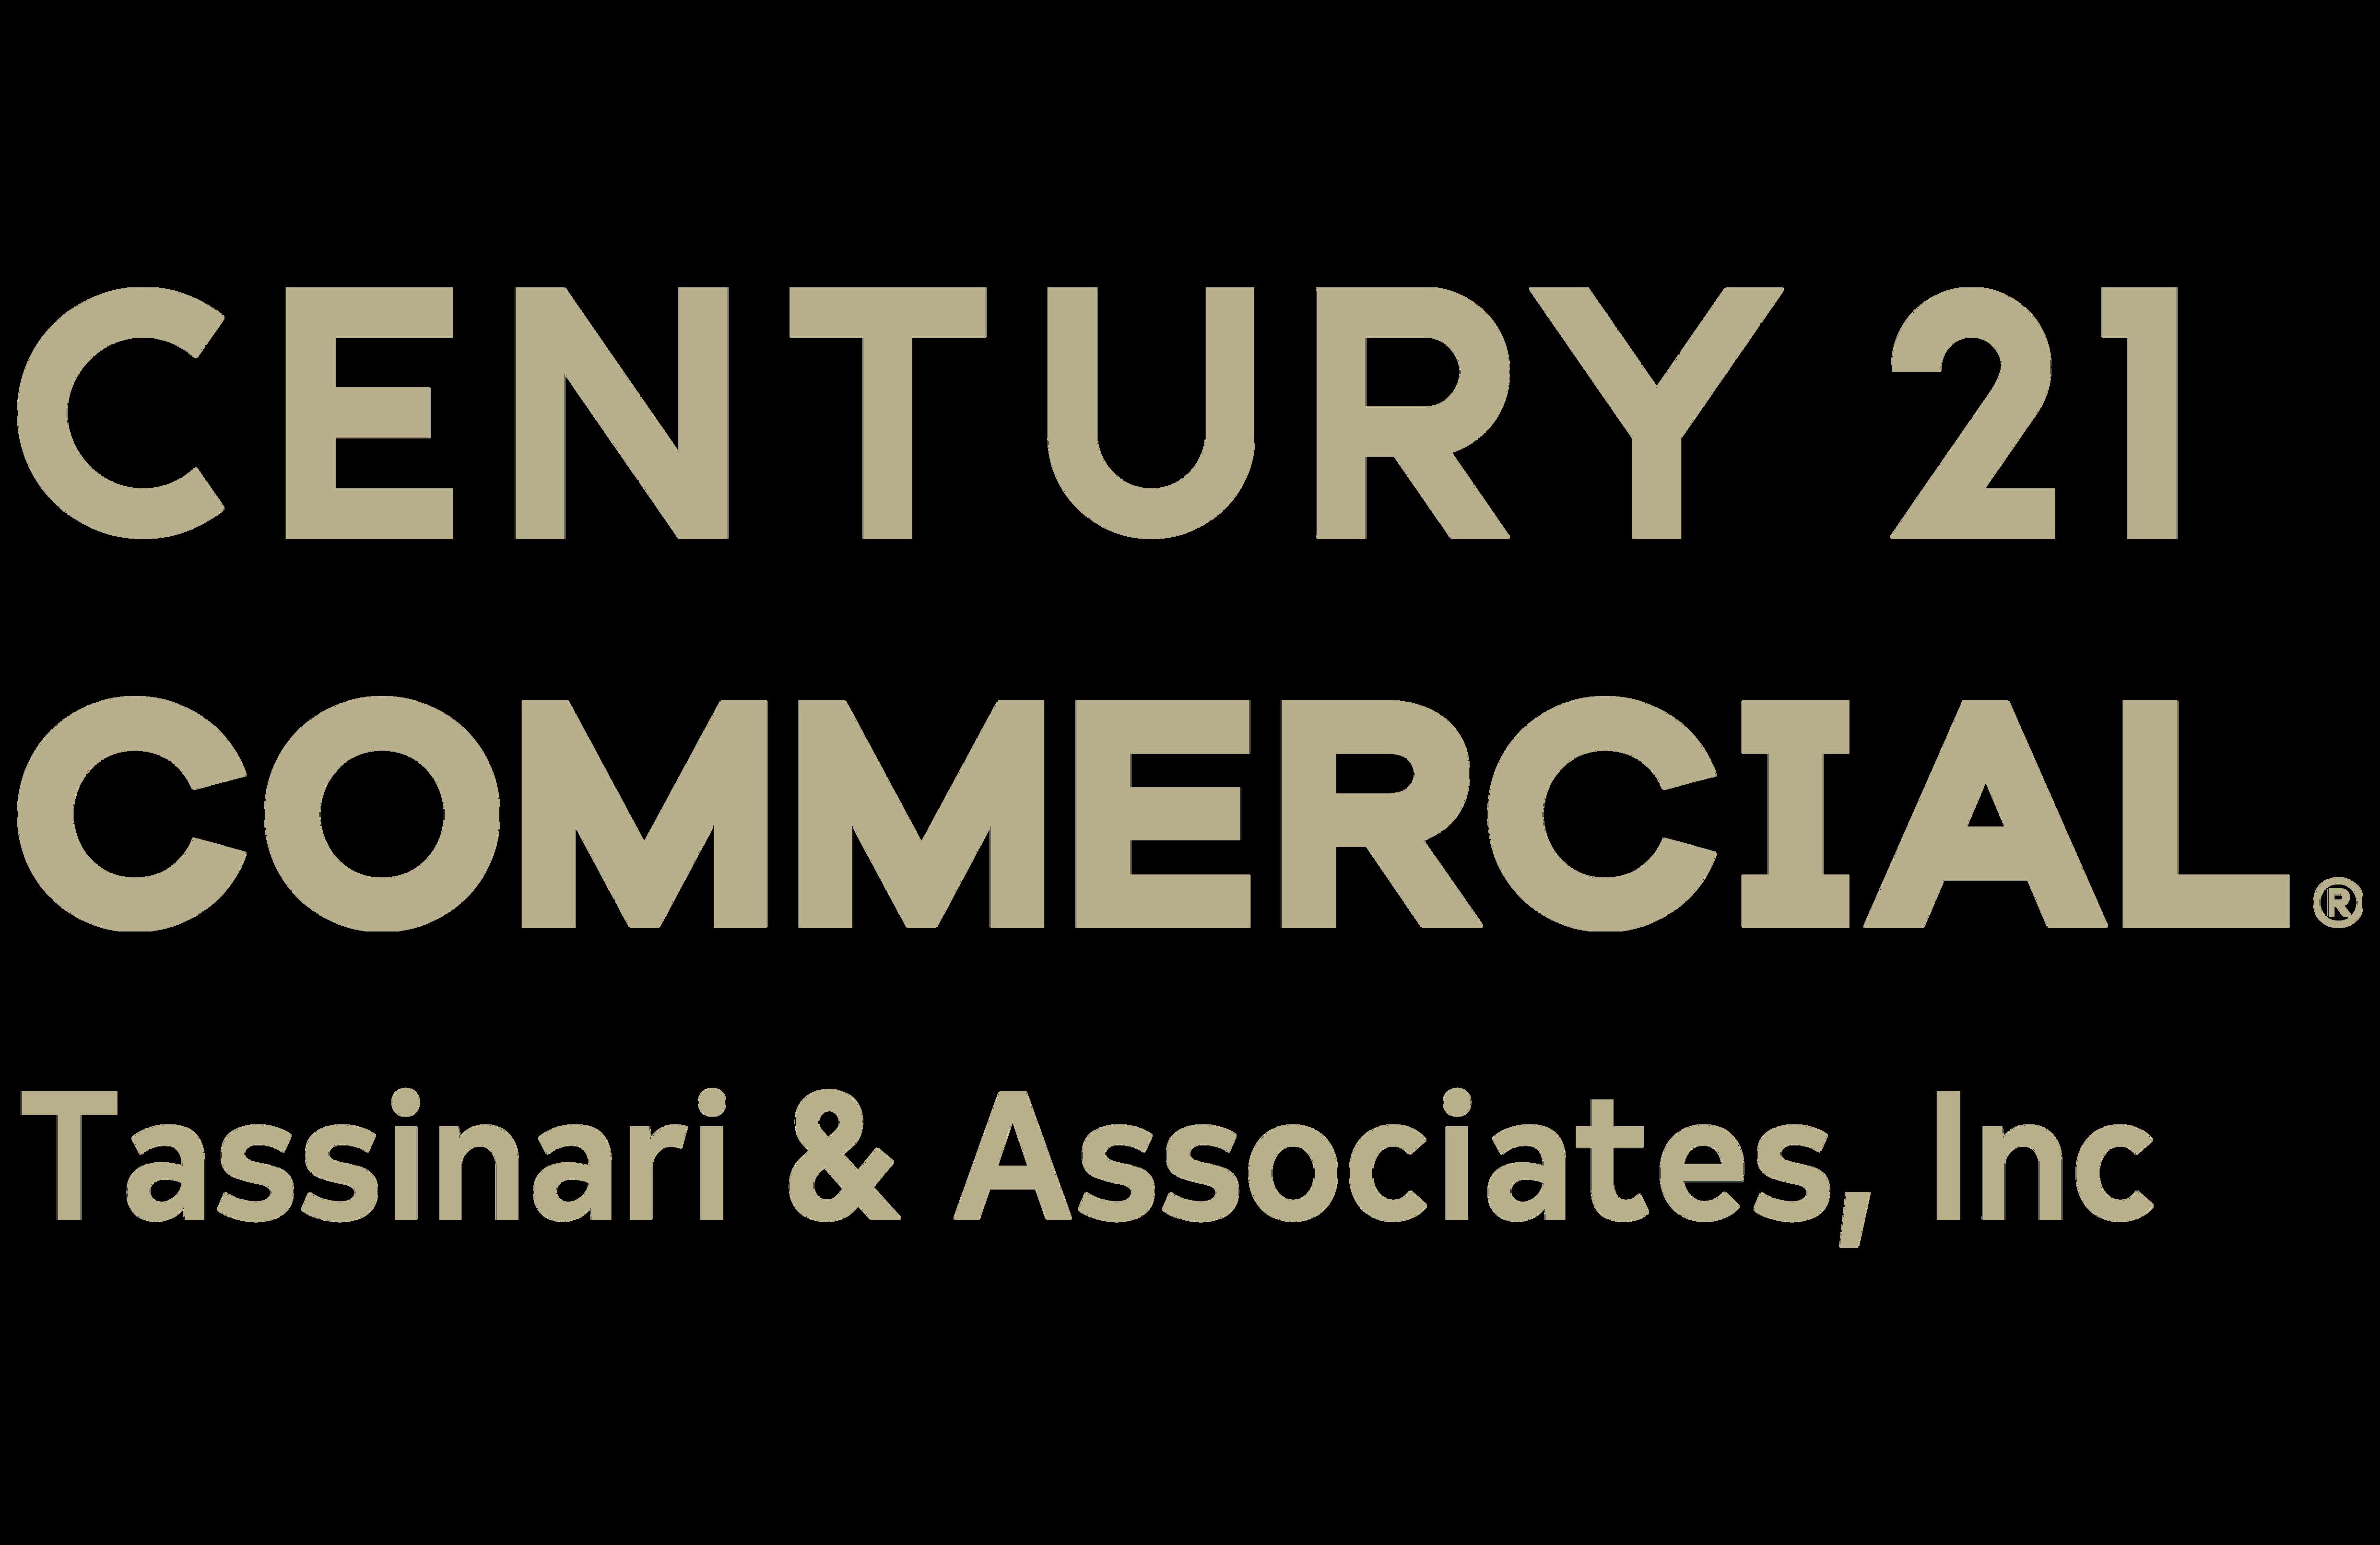 CENTURY 21 Tassinari & Associates, Inc